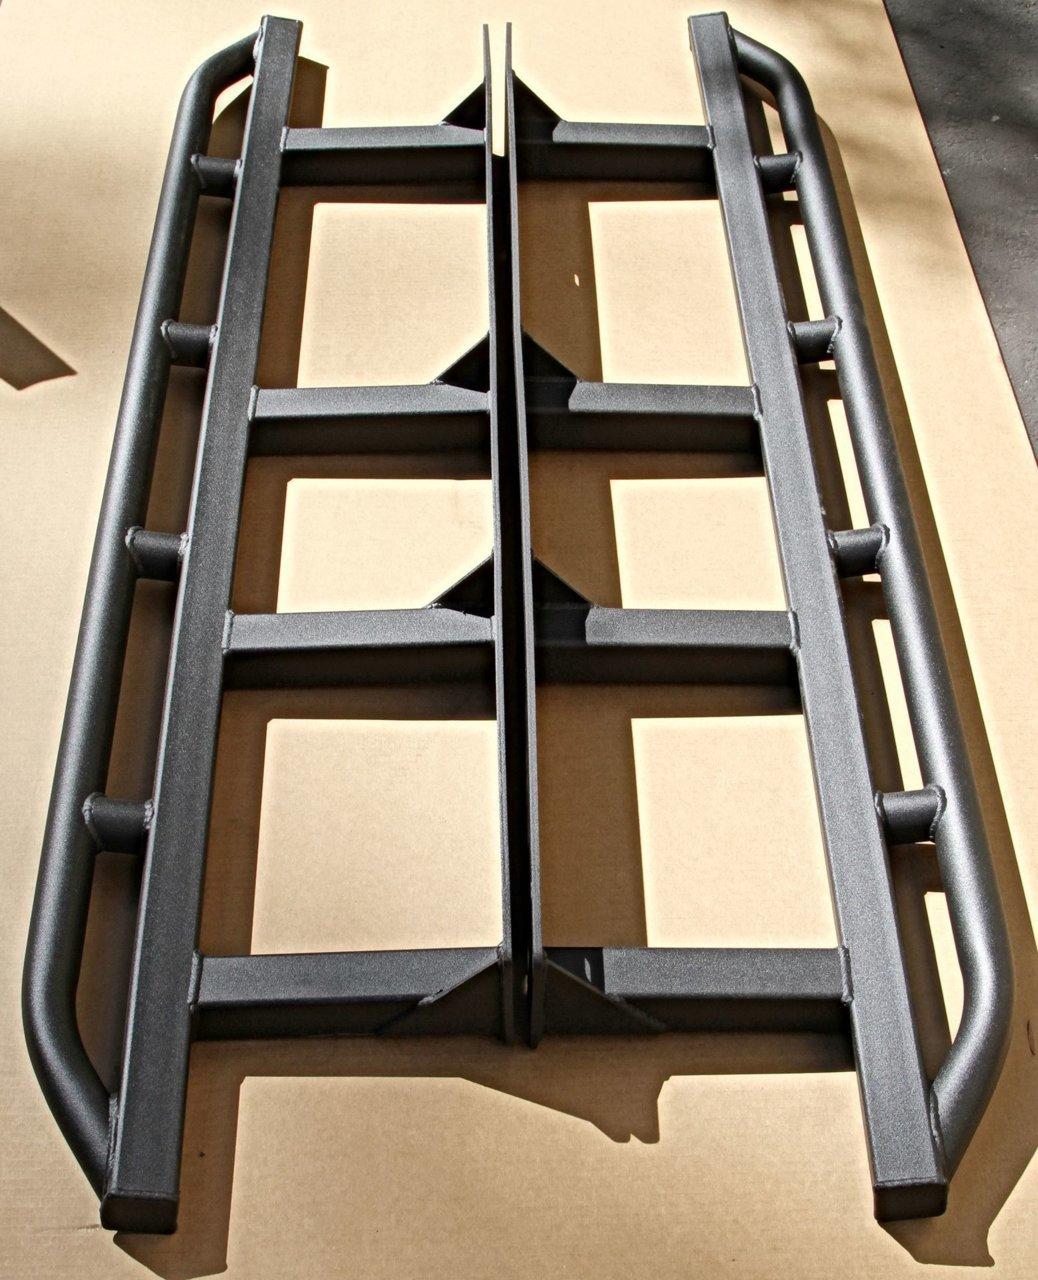 0000818_demello-10-18-4runner-bolt-on-hybrid-sliders.jpg